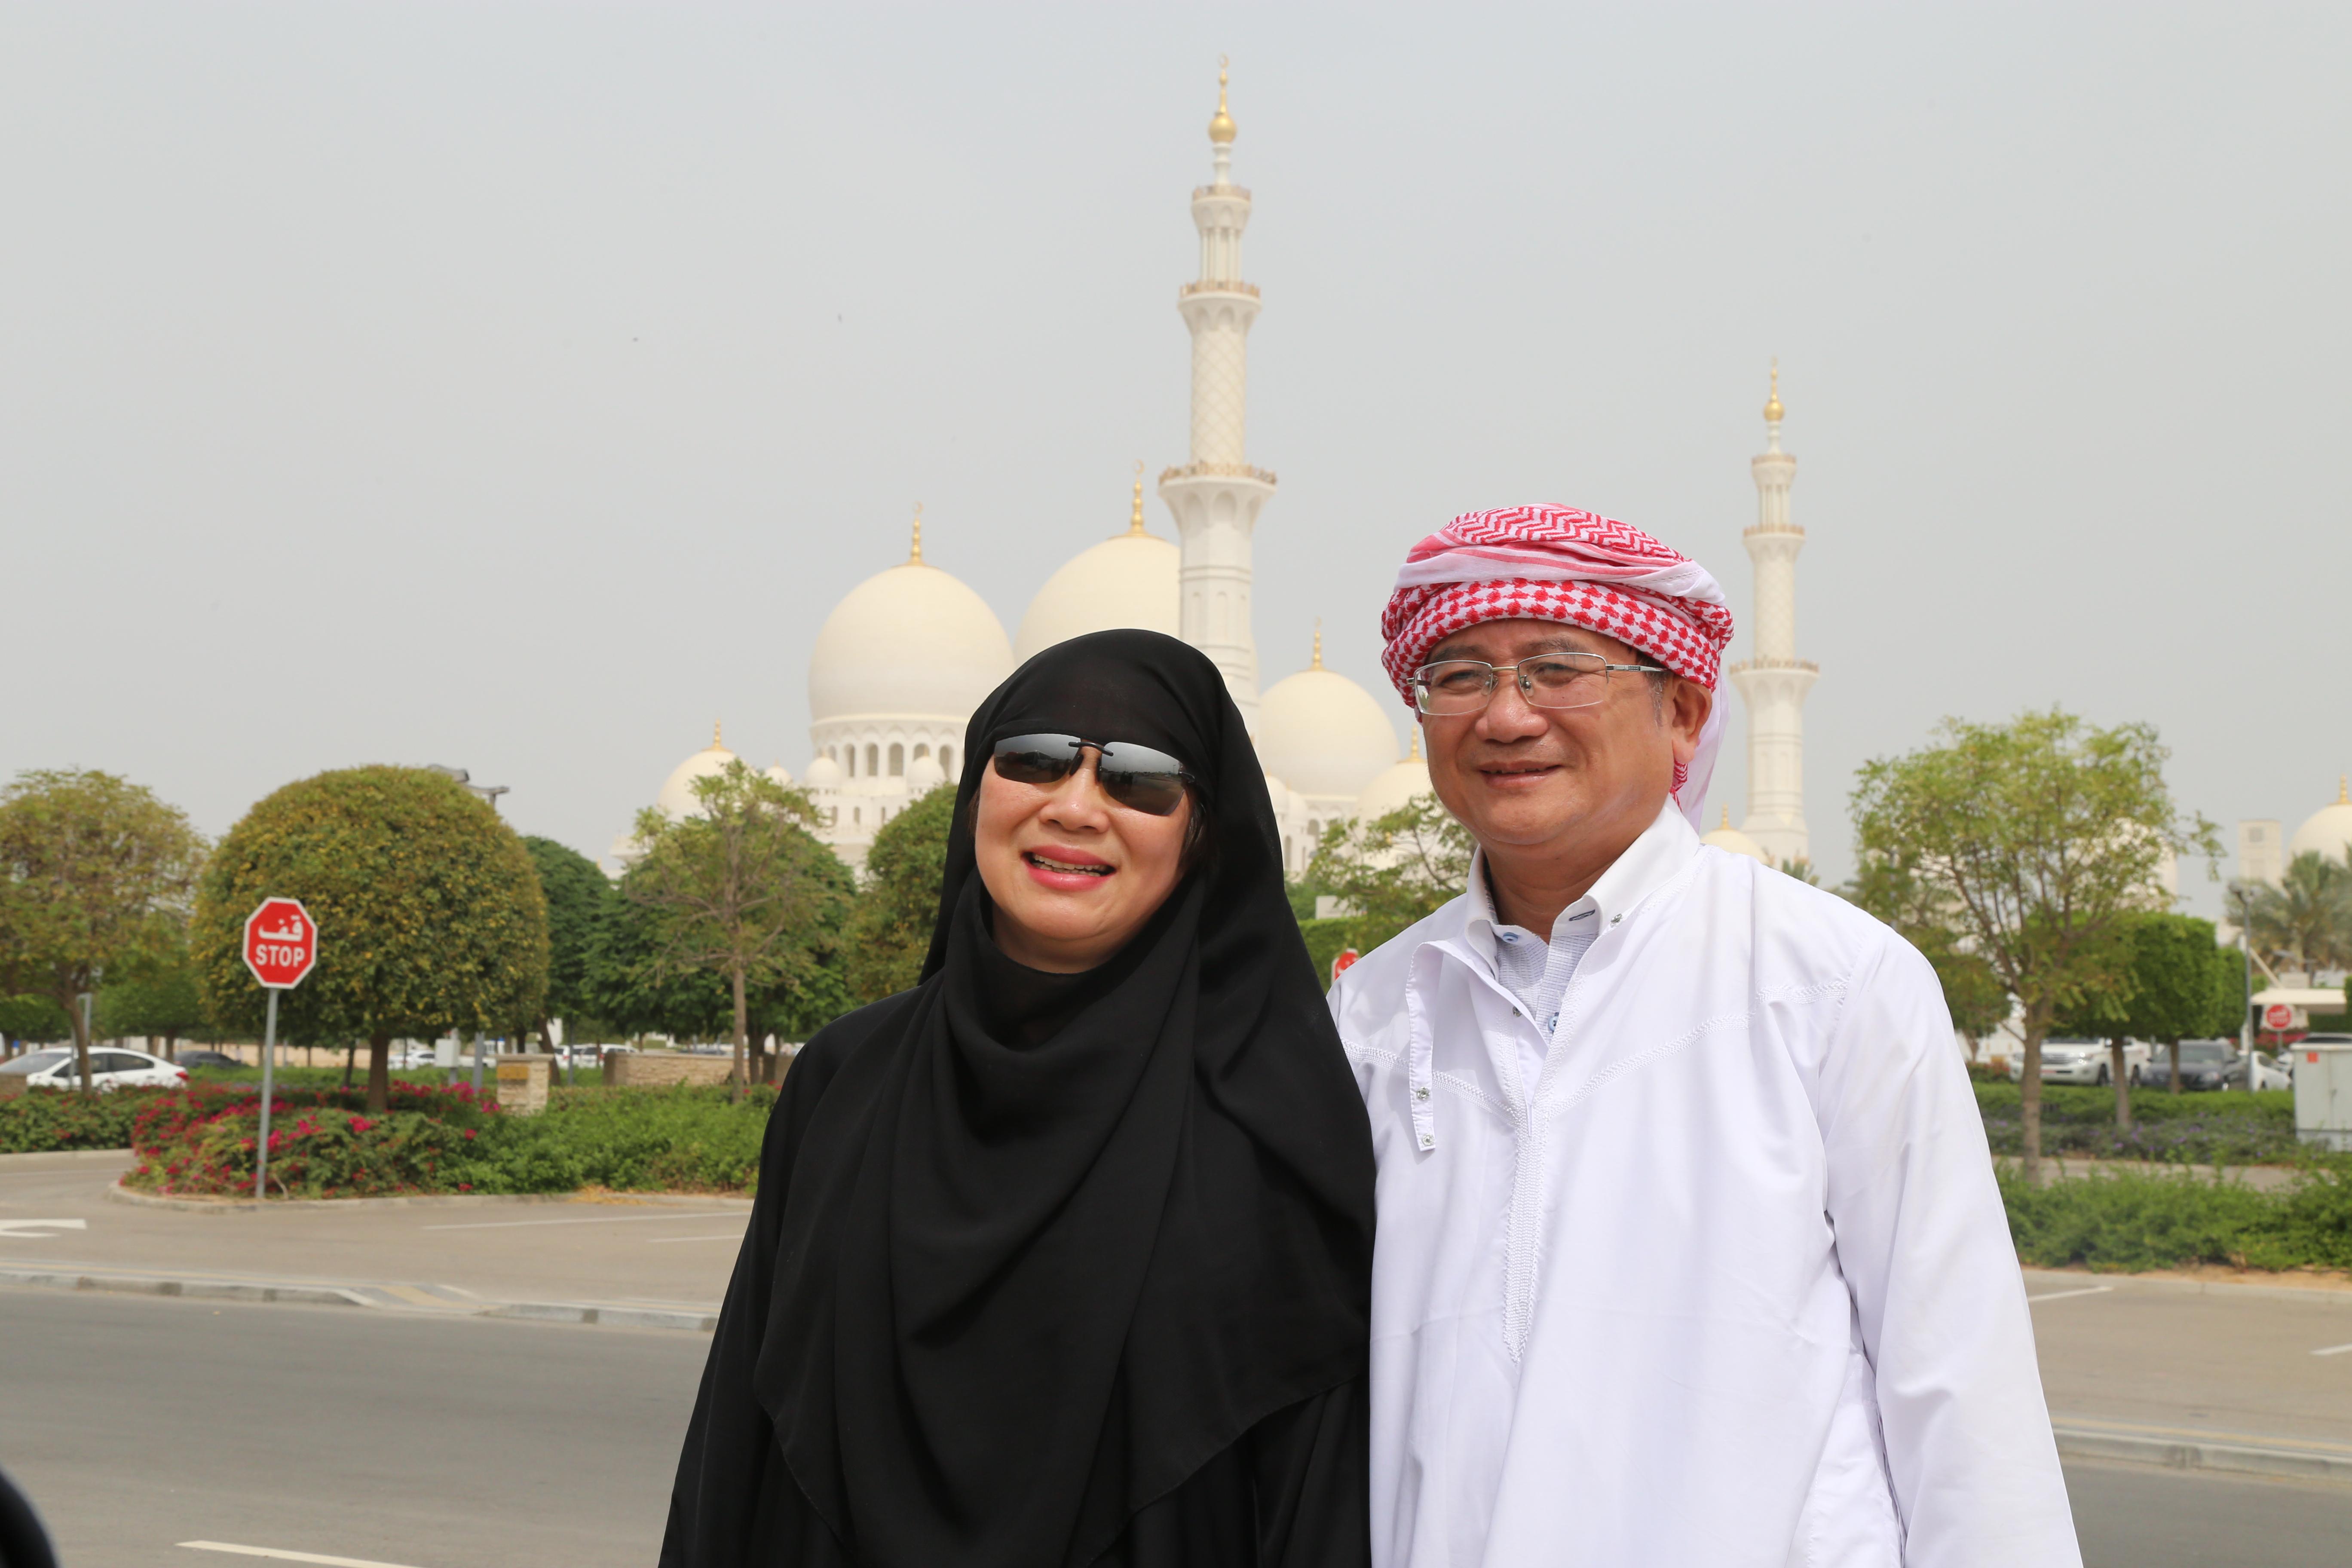 Vị phu nhân đáng mến của anh Ngọc cũng có mặt trong chuyến Dubai lần này.